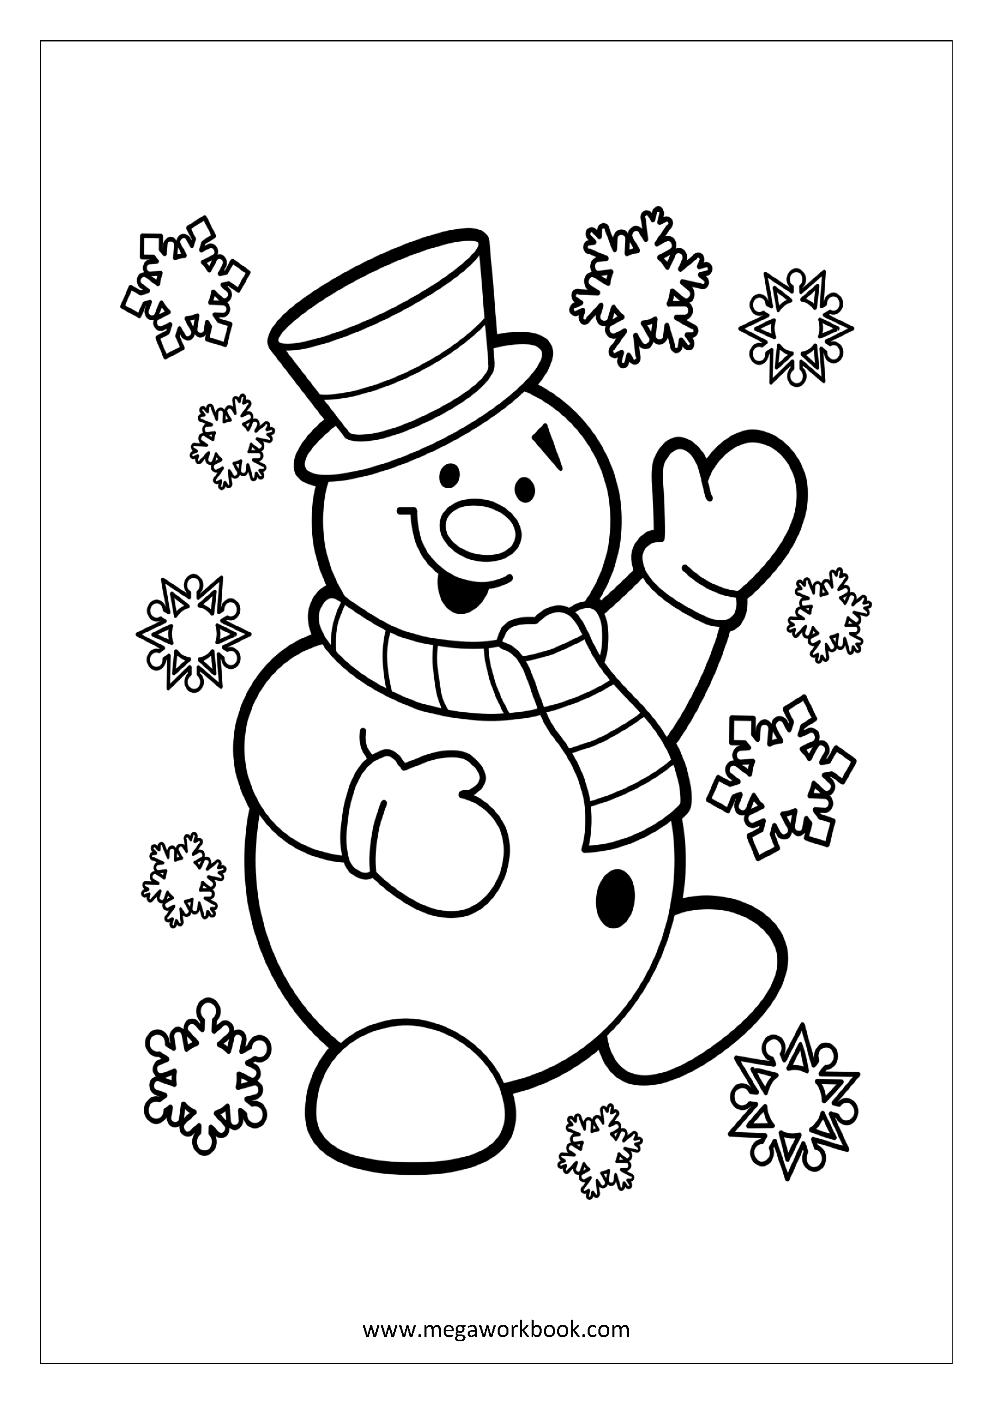 Tipss Und Vorlagen Winter Und Schnee Weihnachten Malvorlagen Weihnachtsmalvorlagen Malvorlagen Weihnachten Malvorlagen